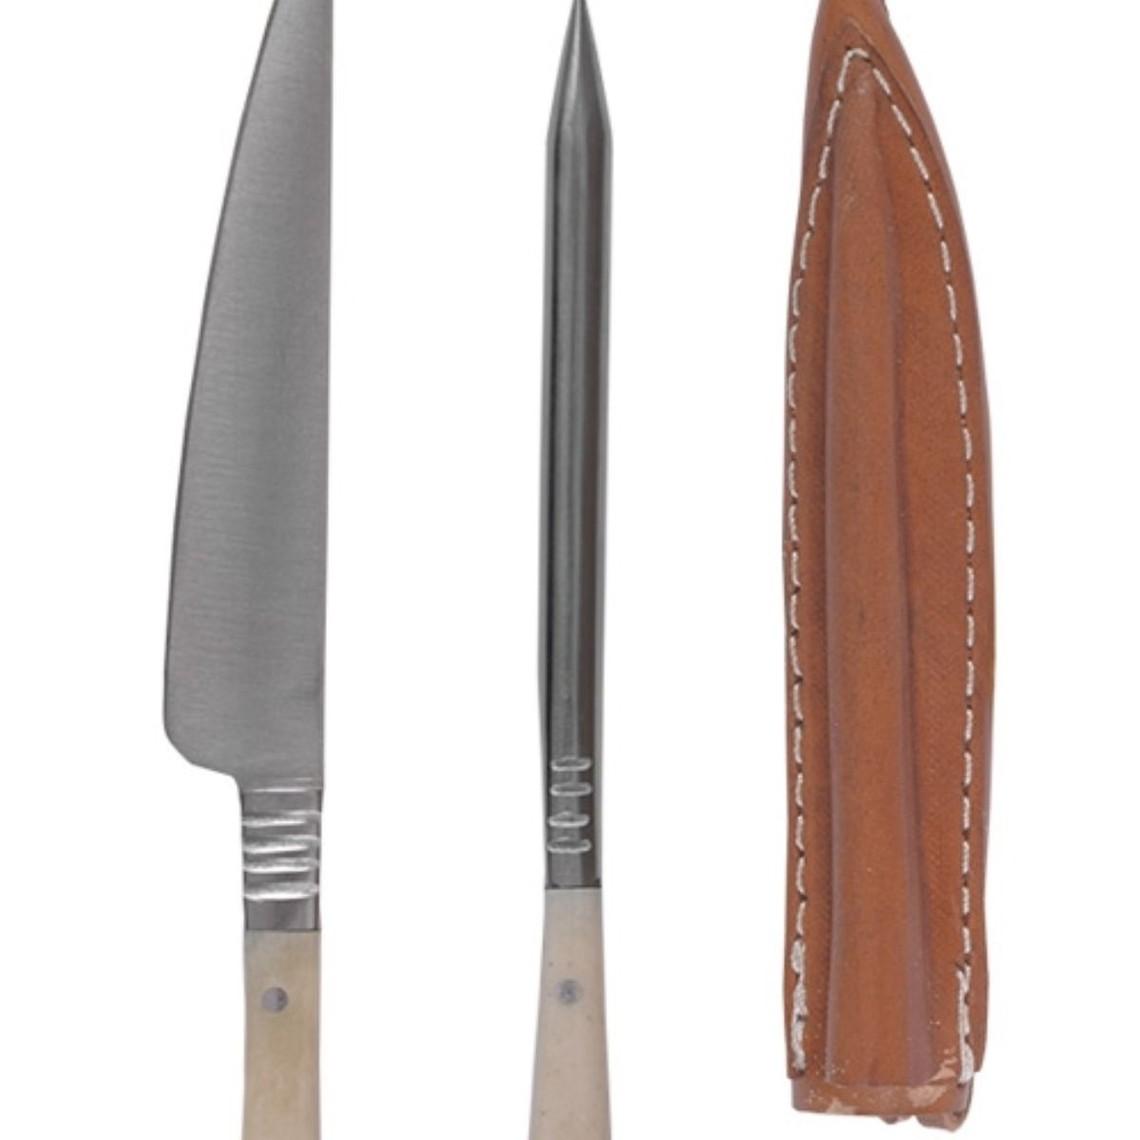 14. århundrede bestik sæt kniv & spise syl